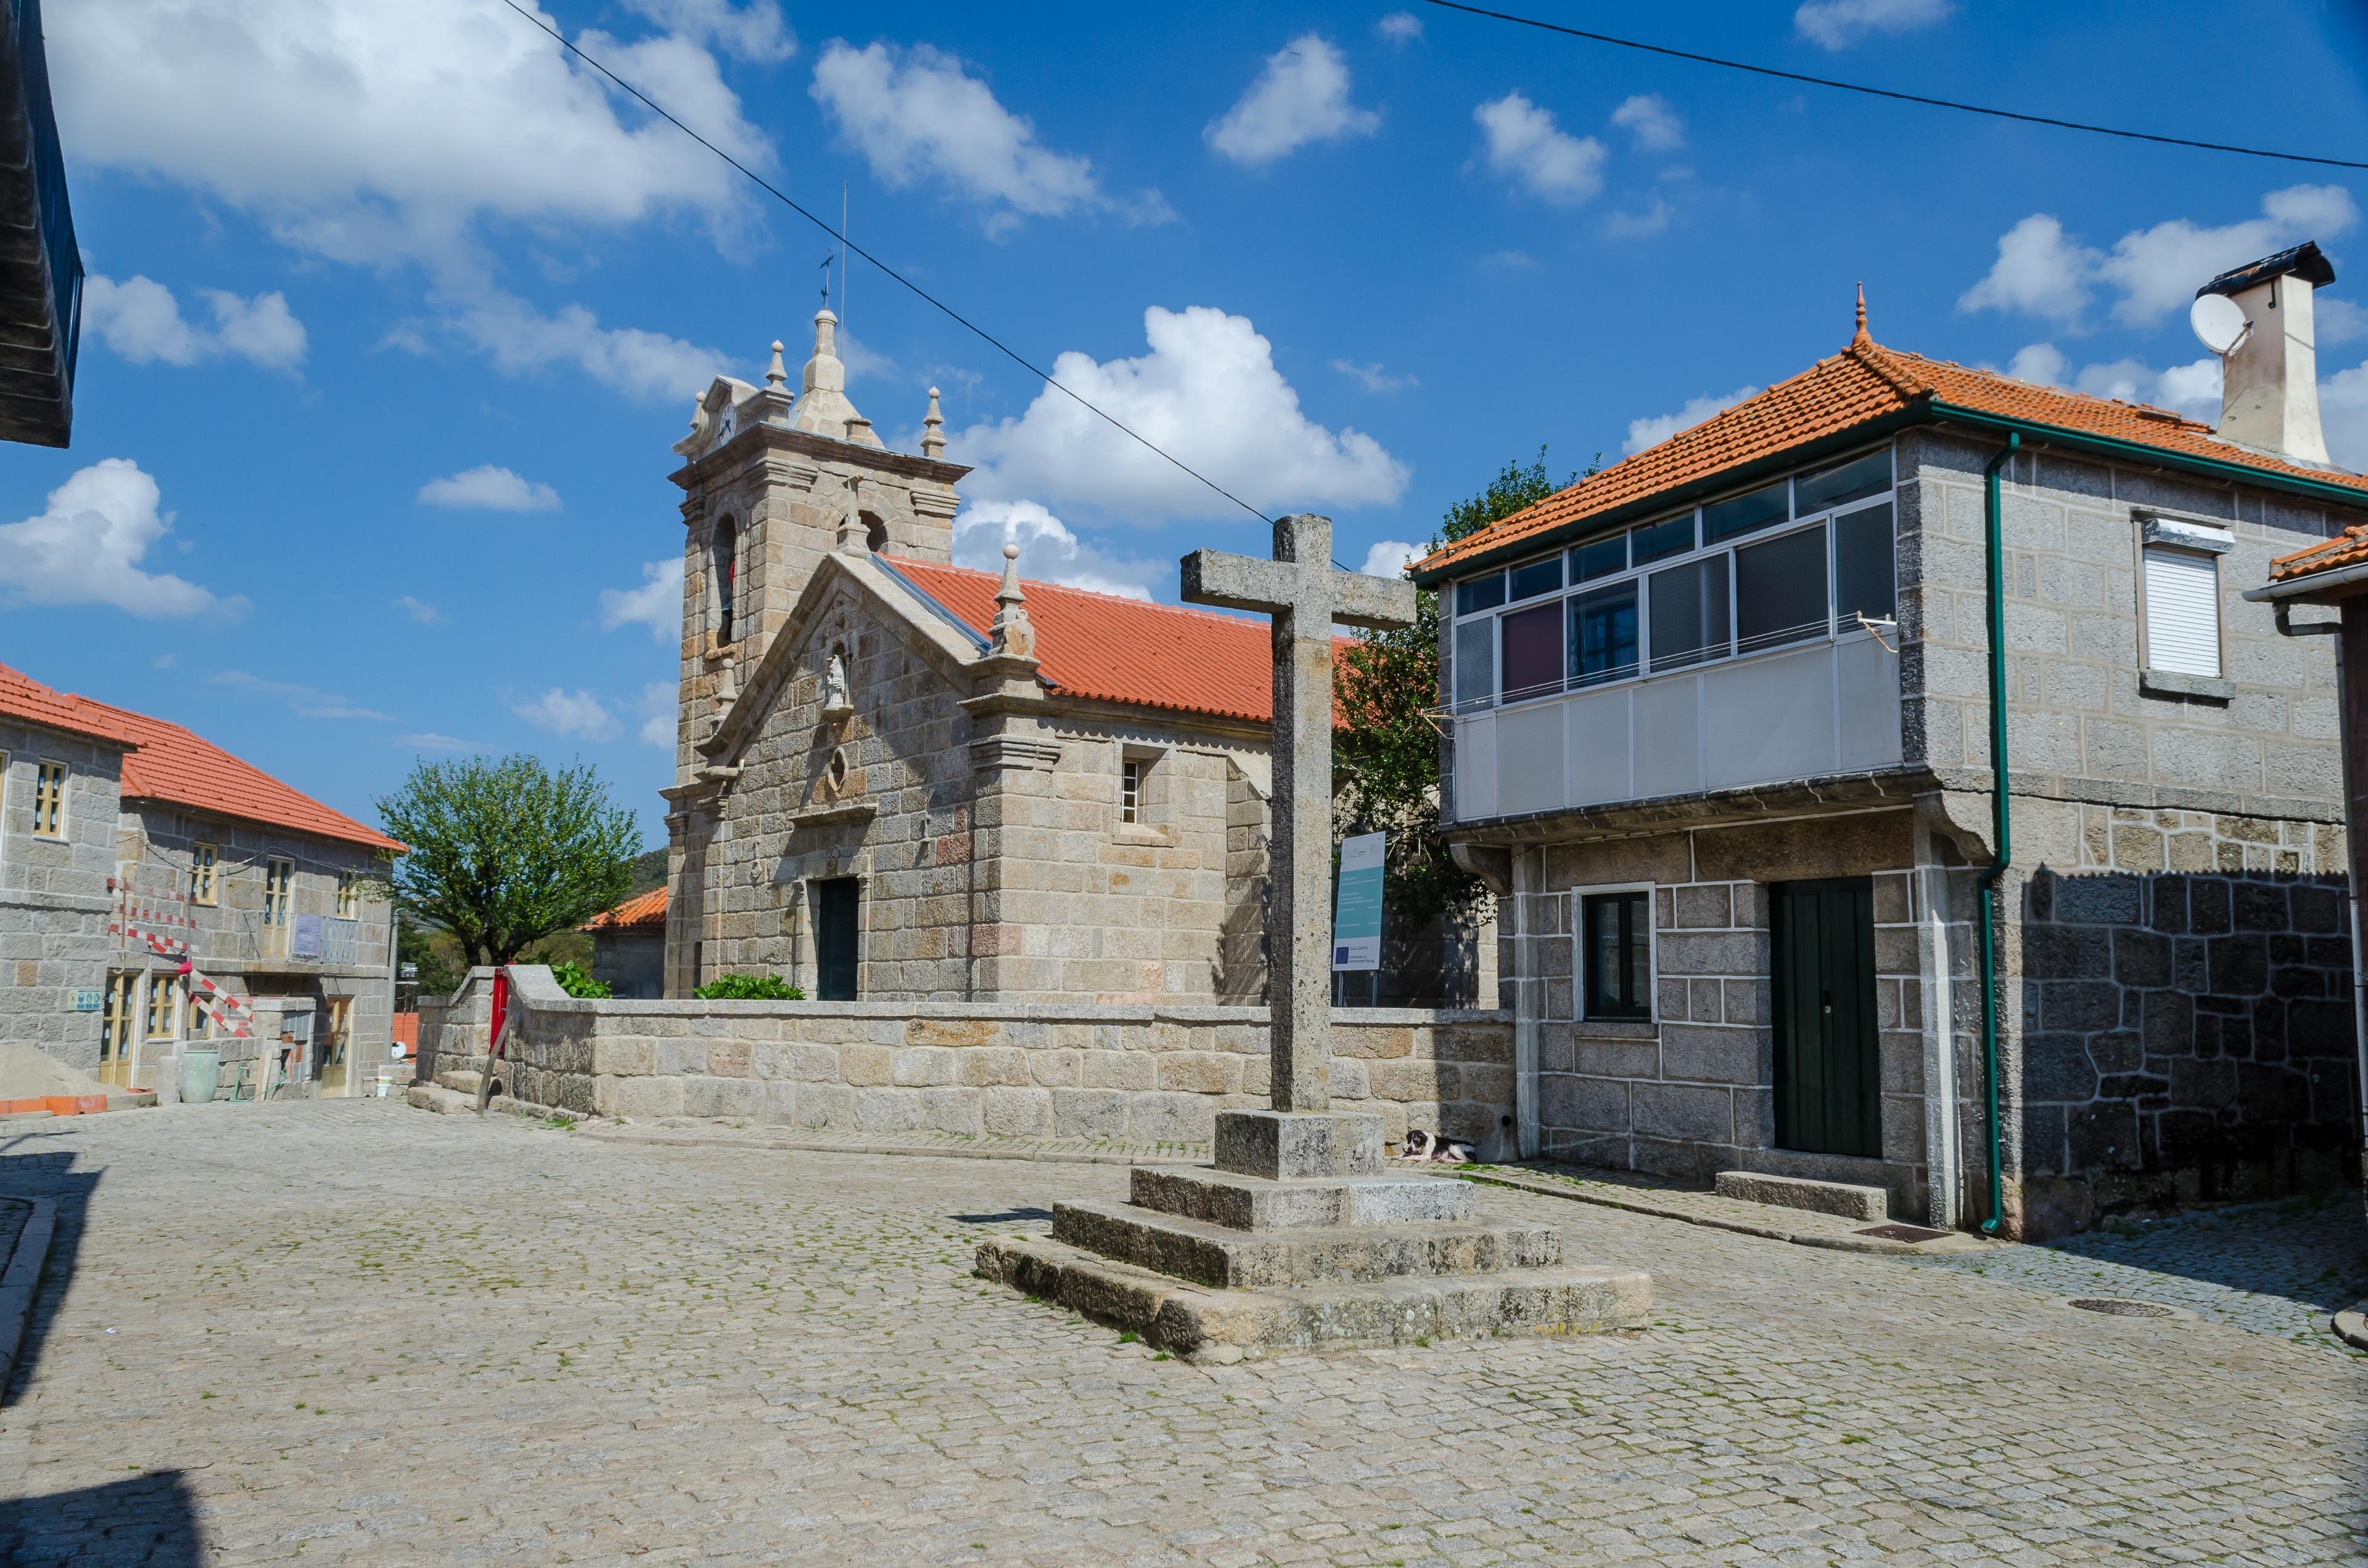 Melgaço, Viana do Castelo District, Portugal